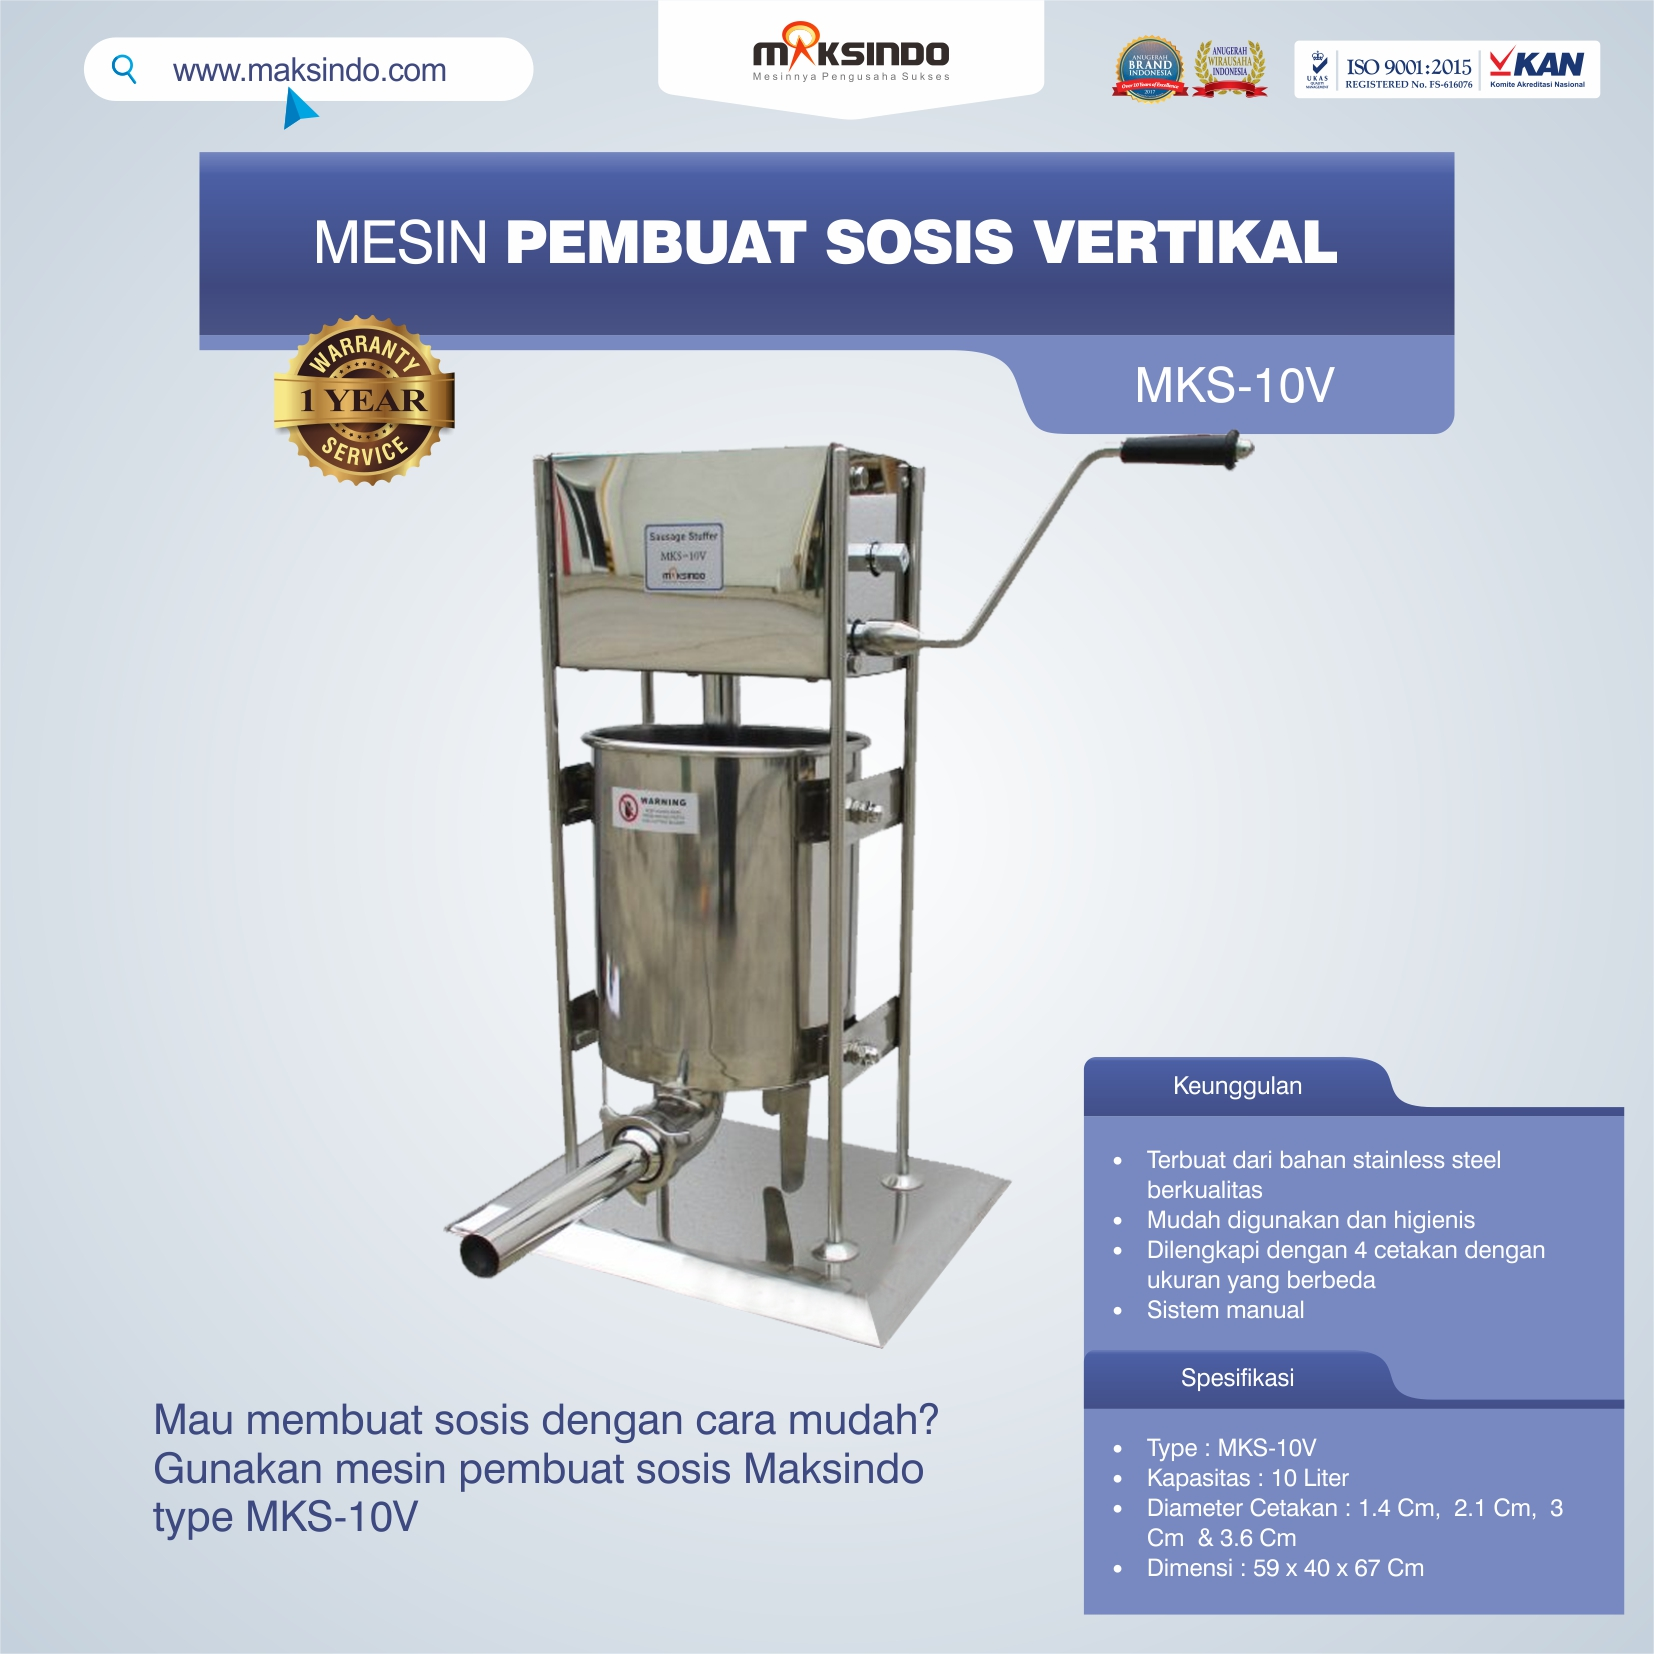 Jual Mesin Pembuat Sosis Vertikal MKS-10V di Pekanbaru